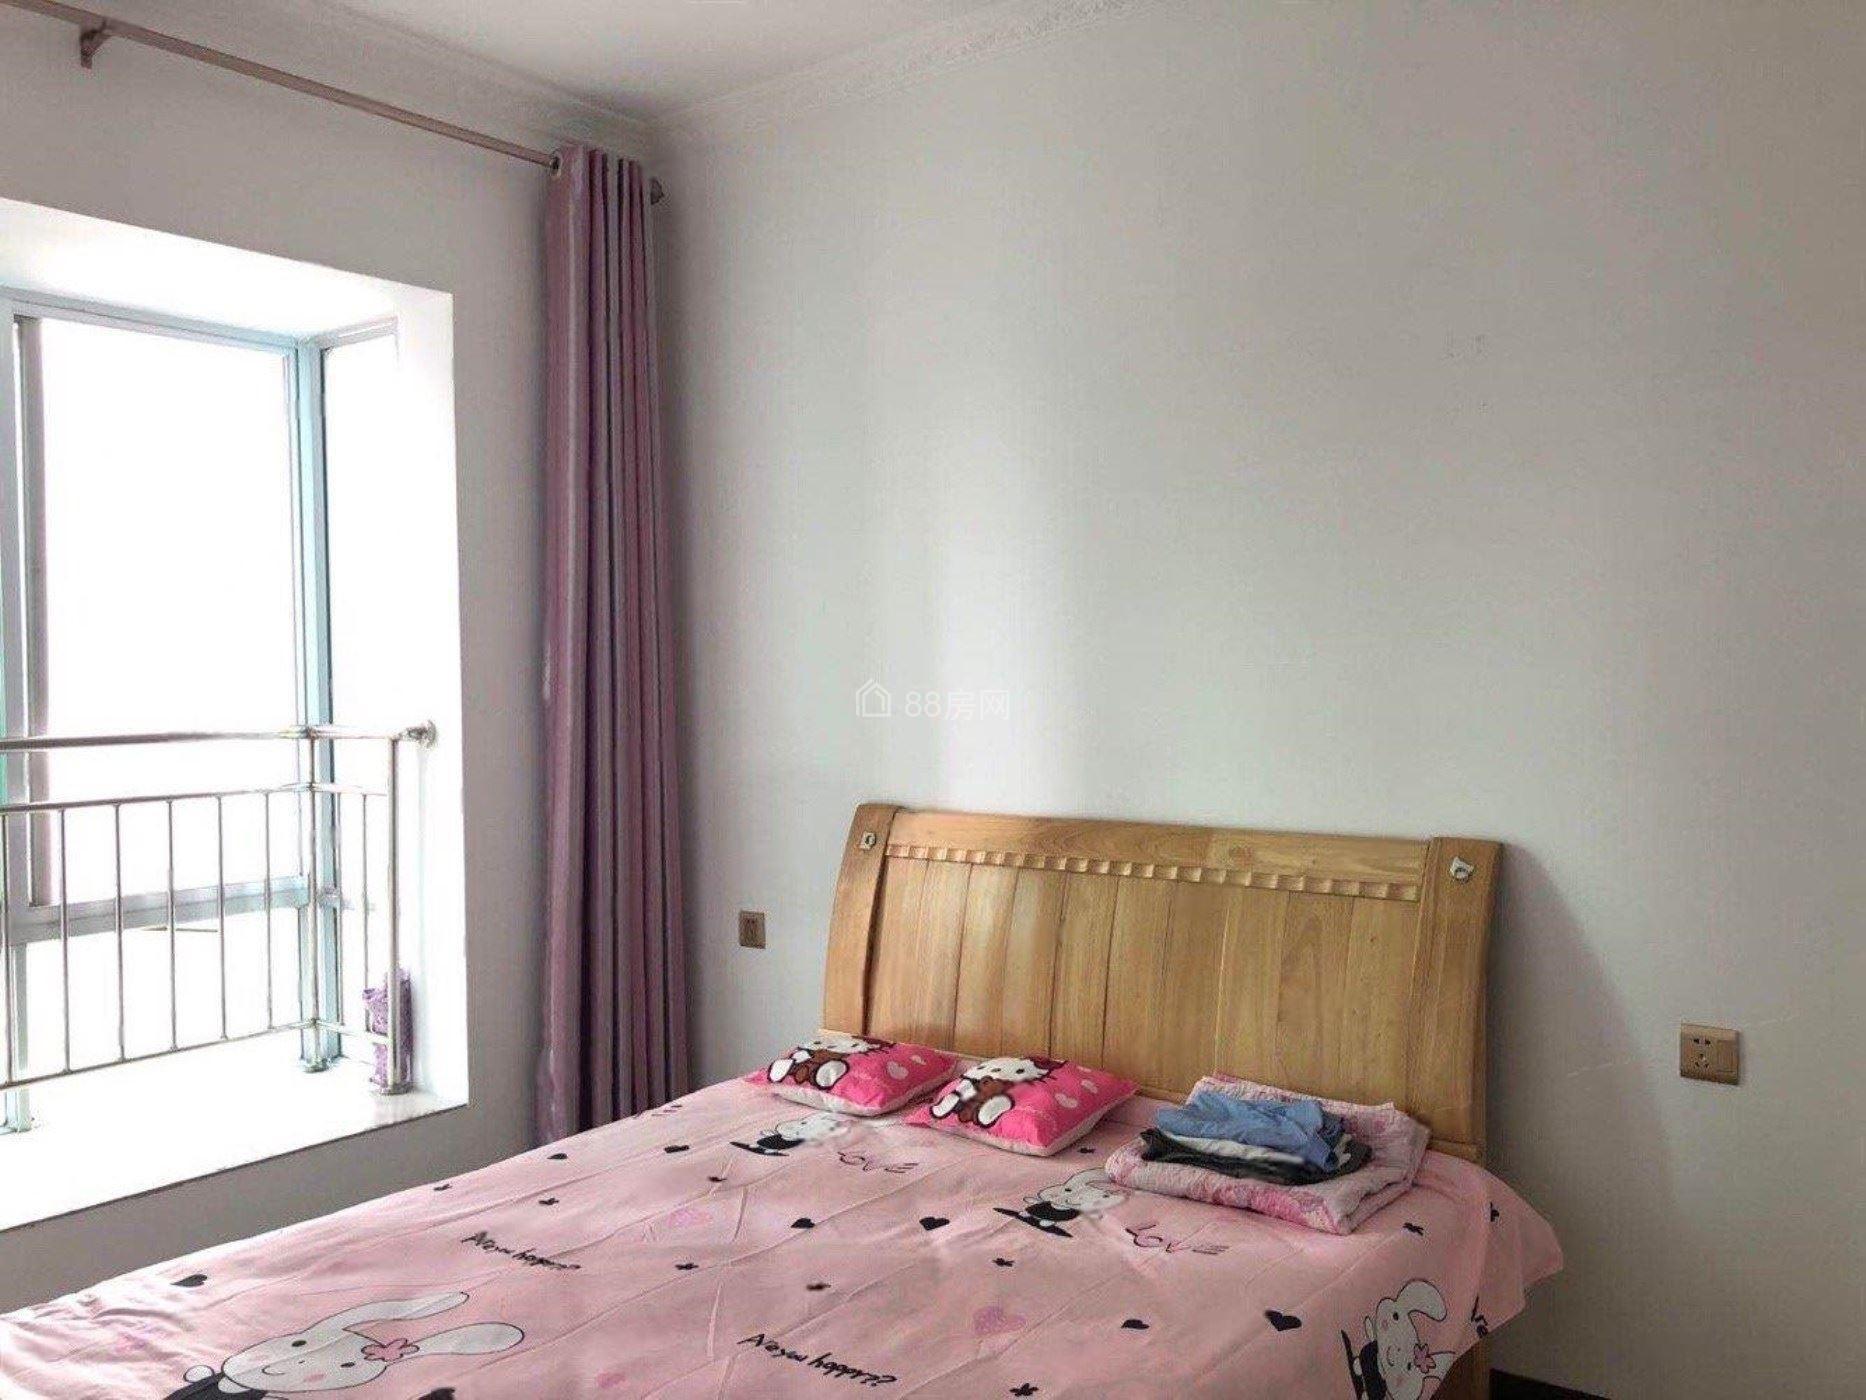 荣华国际新城 53万 3室2厅2卫 精装修你可以拥有,理想的